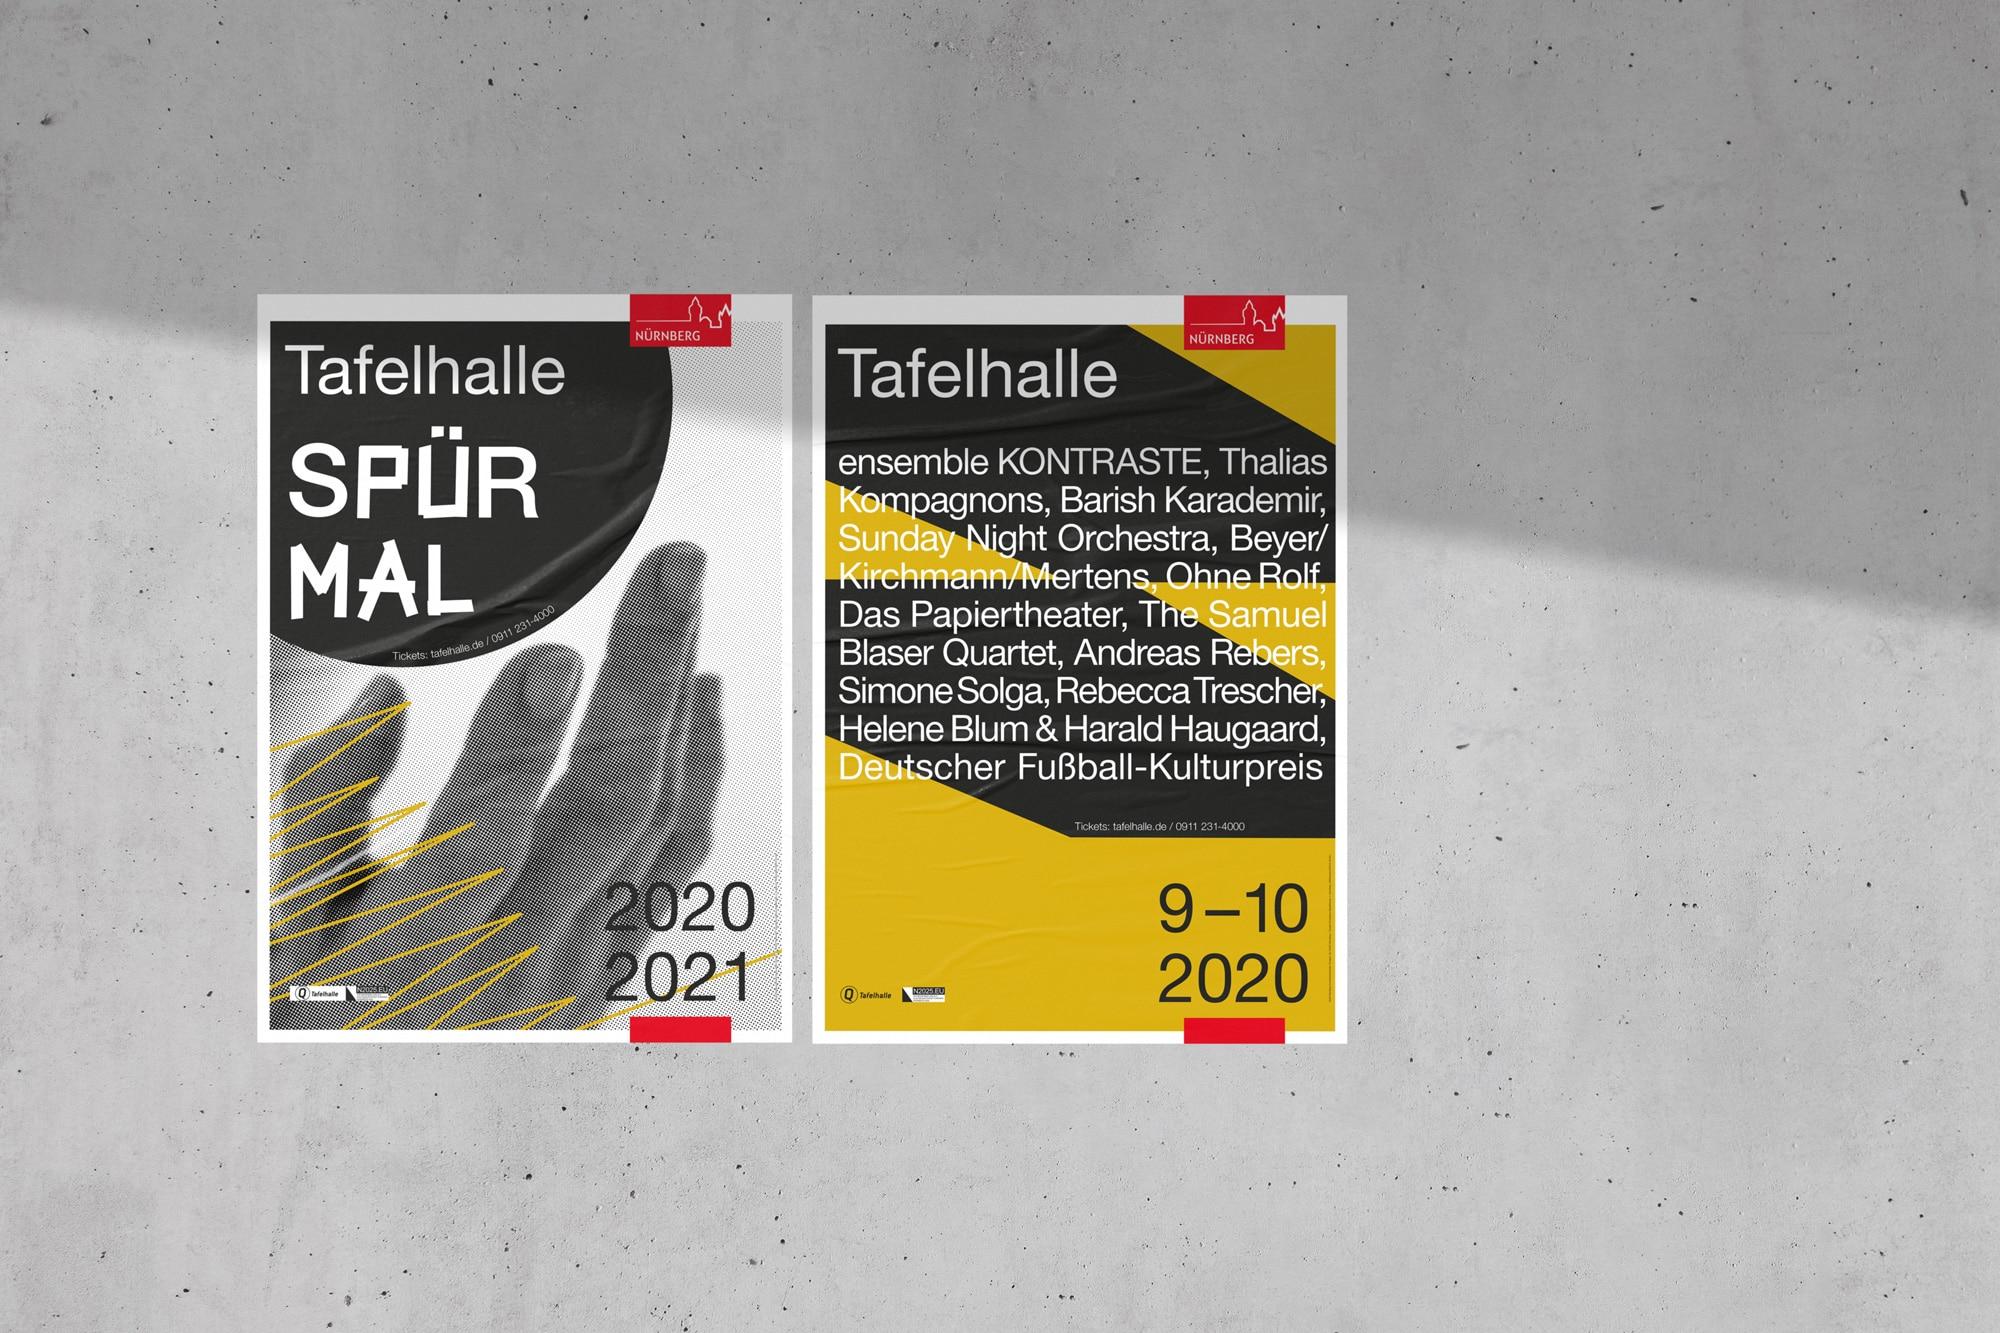 planx-Tafelhalle-Spielzeit2020-21-Plakate-Duo-02